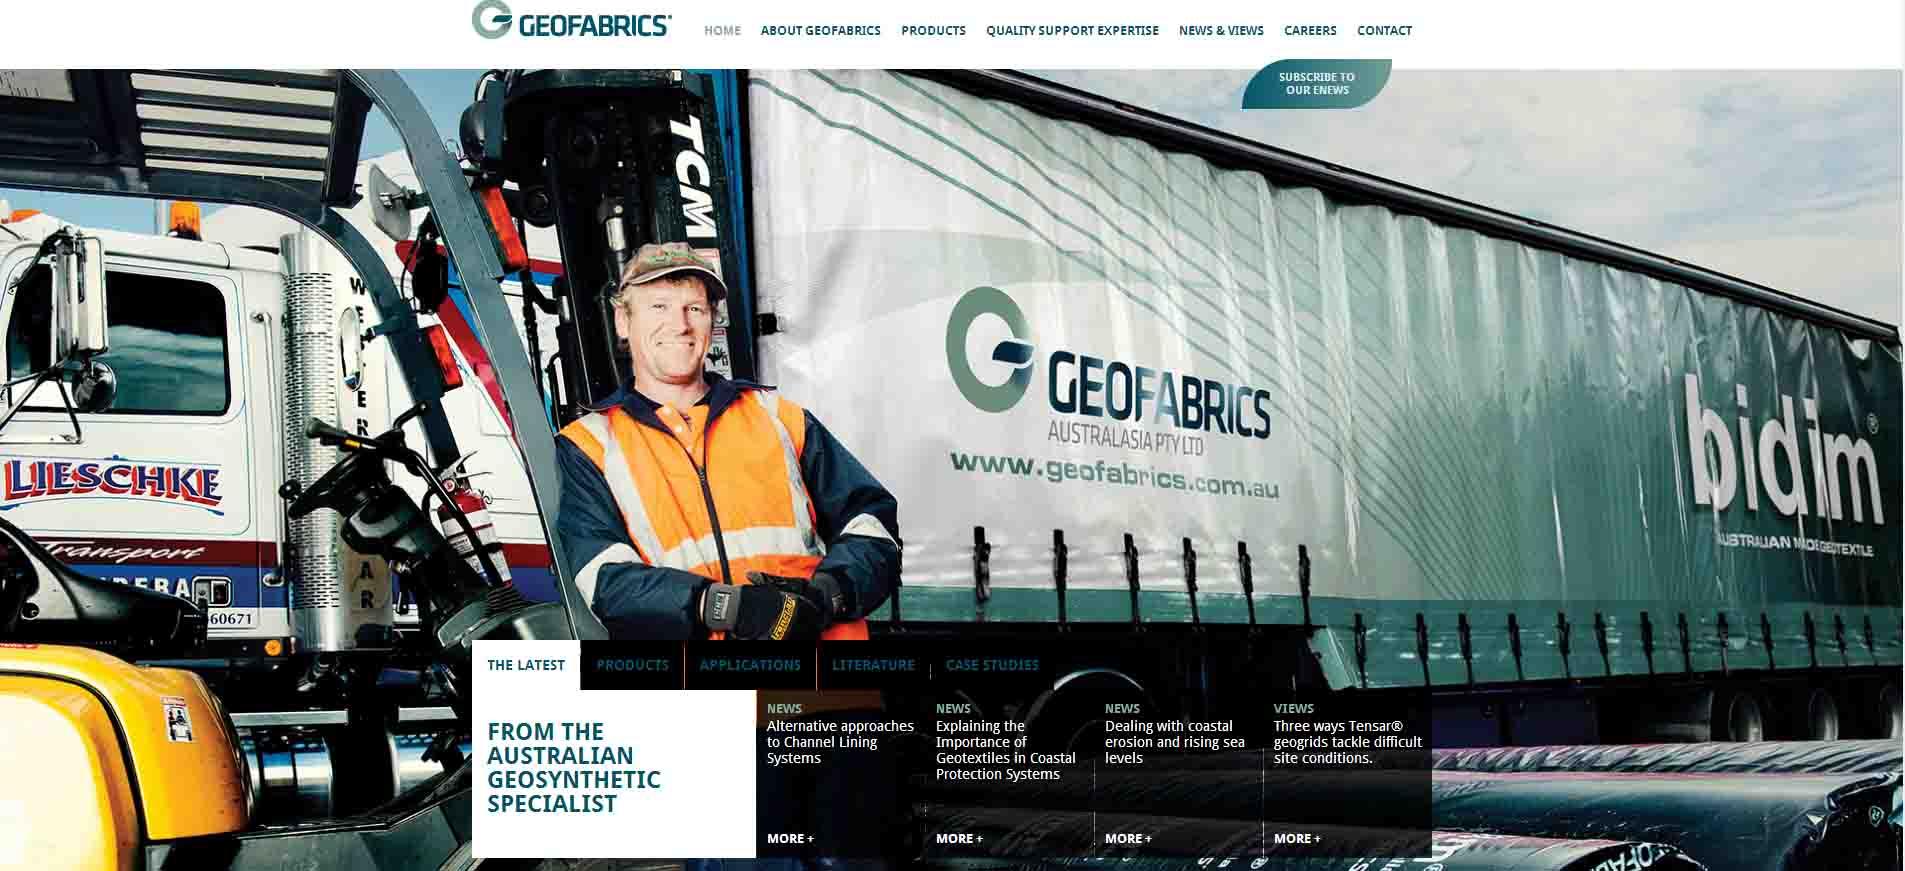 geofabrics-australia.jpg